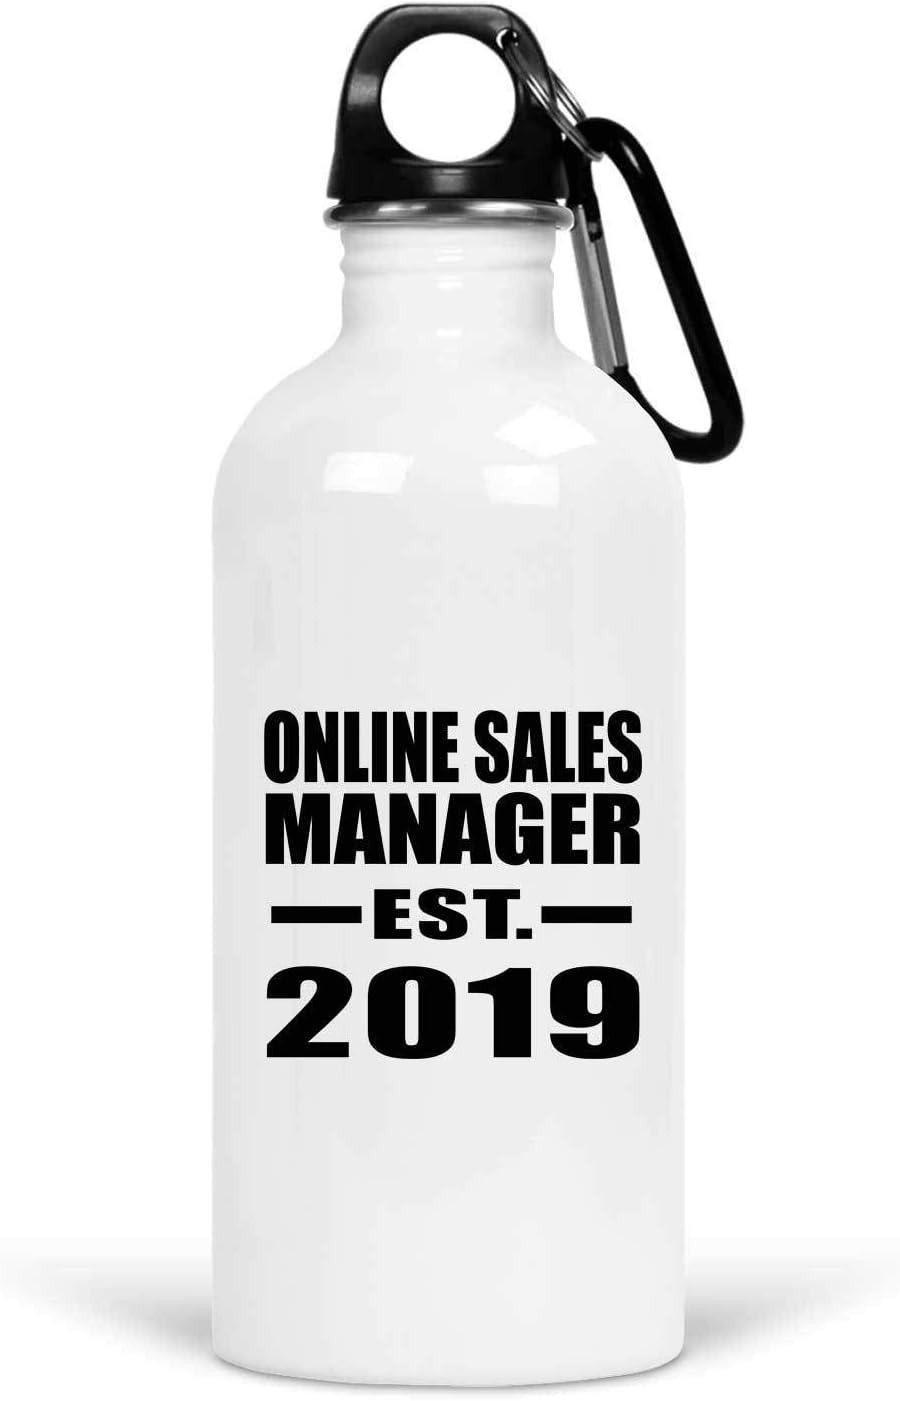 Designsify Online Sales Manager Established EST. 2019-20oz Water Bottle Botella de Agua, Acero Inoxidable - Regalo para Cumpleaños Aniversario el Día de la Madre o del Padre